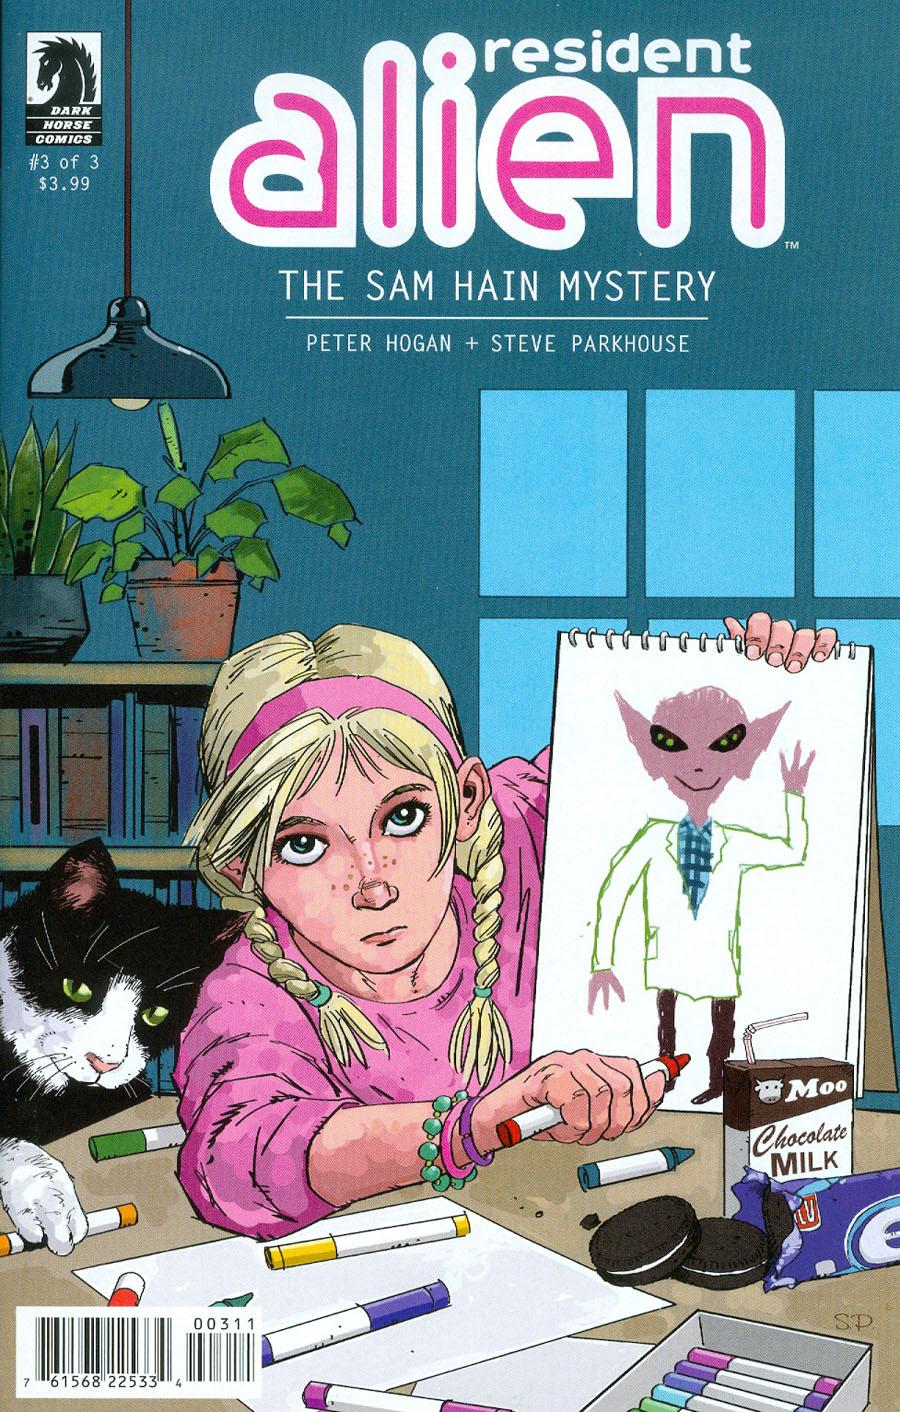 Resident Alien Sam Hain Mystery #3